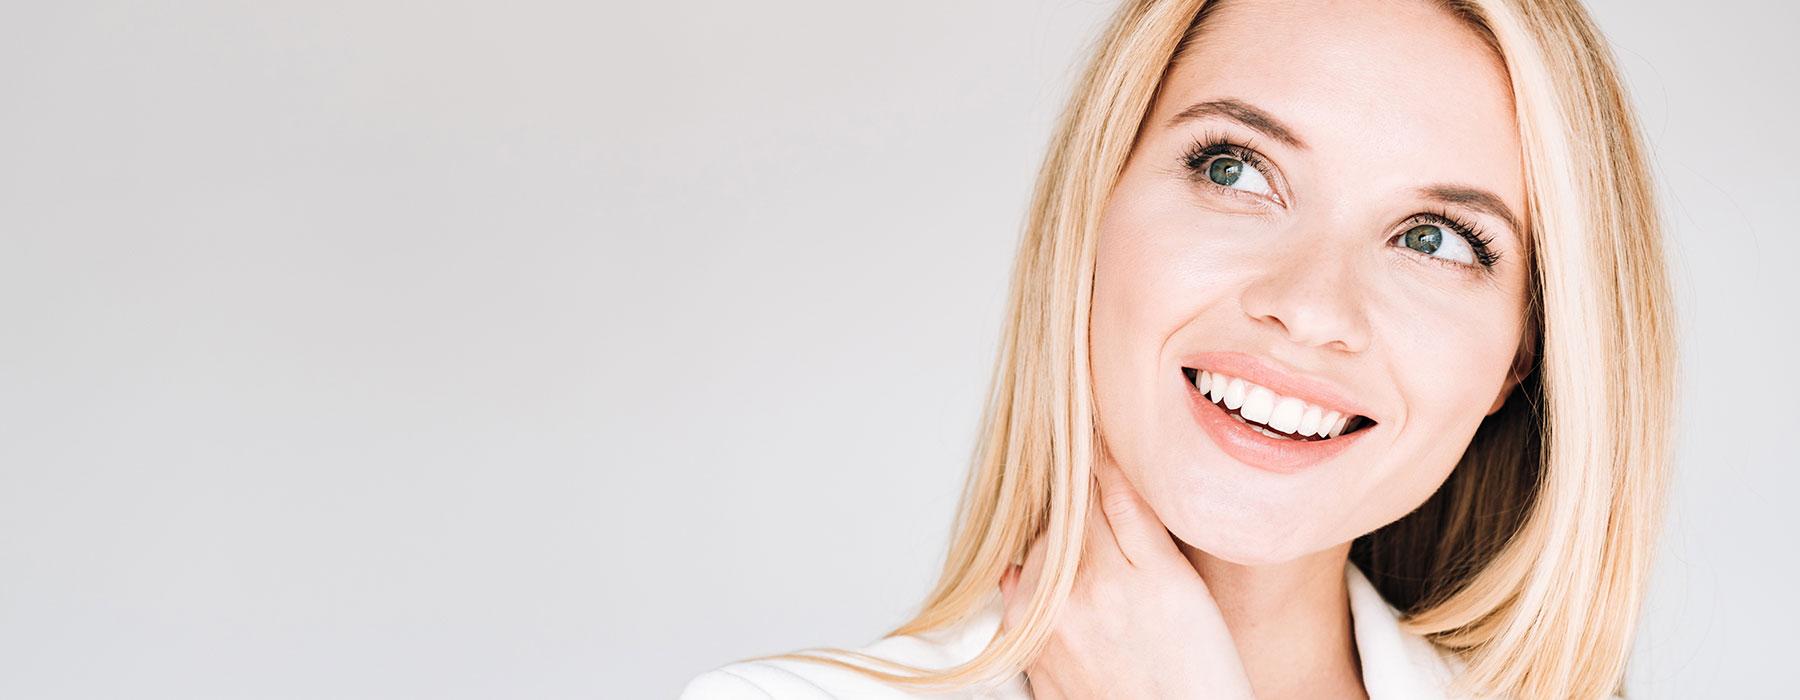 Frau lacht dank Zahn-Veneers aus Frankfurt mit schönen Zähnen.